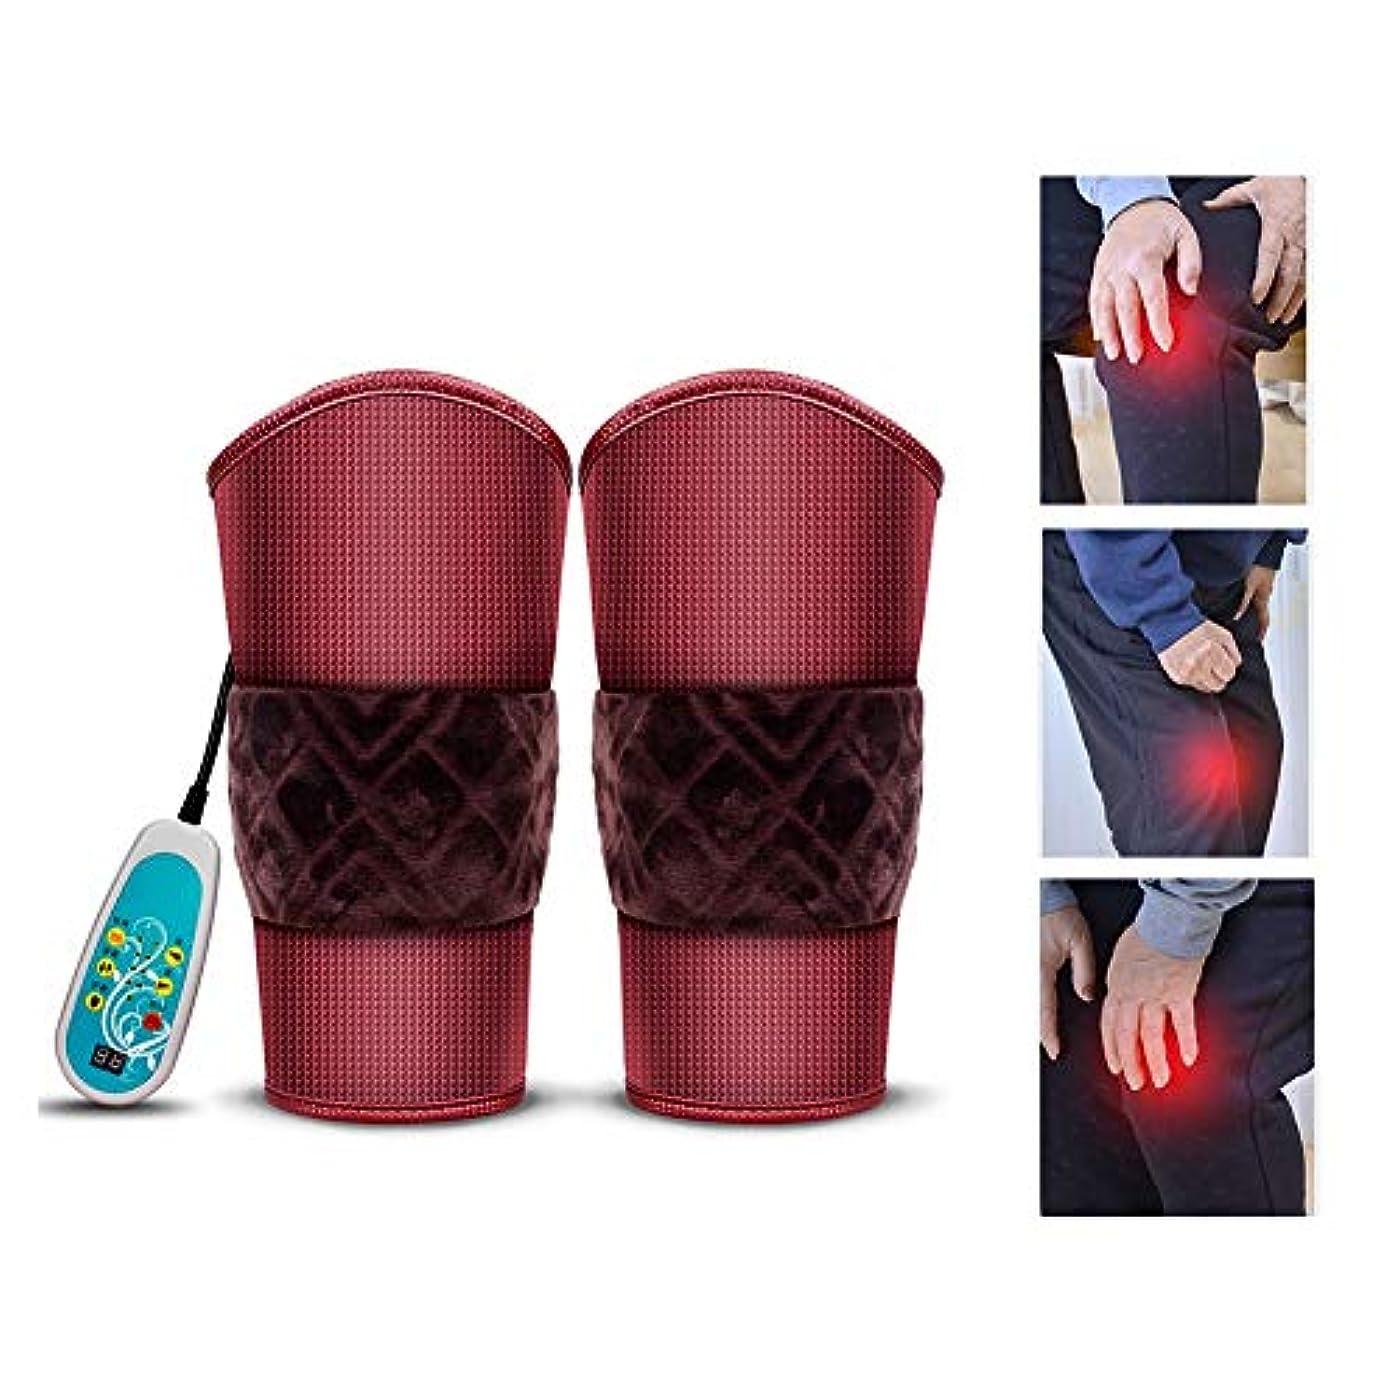 運営意志に反する自治加熱膝ブレースサポート - 膝ウォームラップヒーテッドパッド - 9マッサージモードと3ファイル温度のセラピーマッサージャー、膝の怪我、痛みの軽減